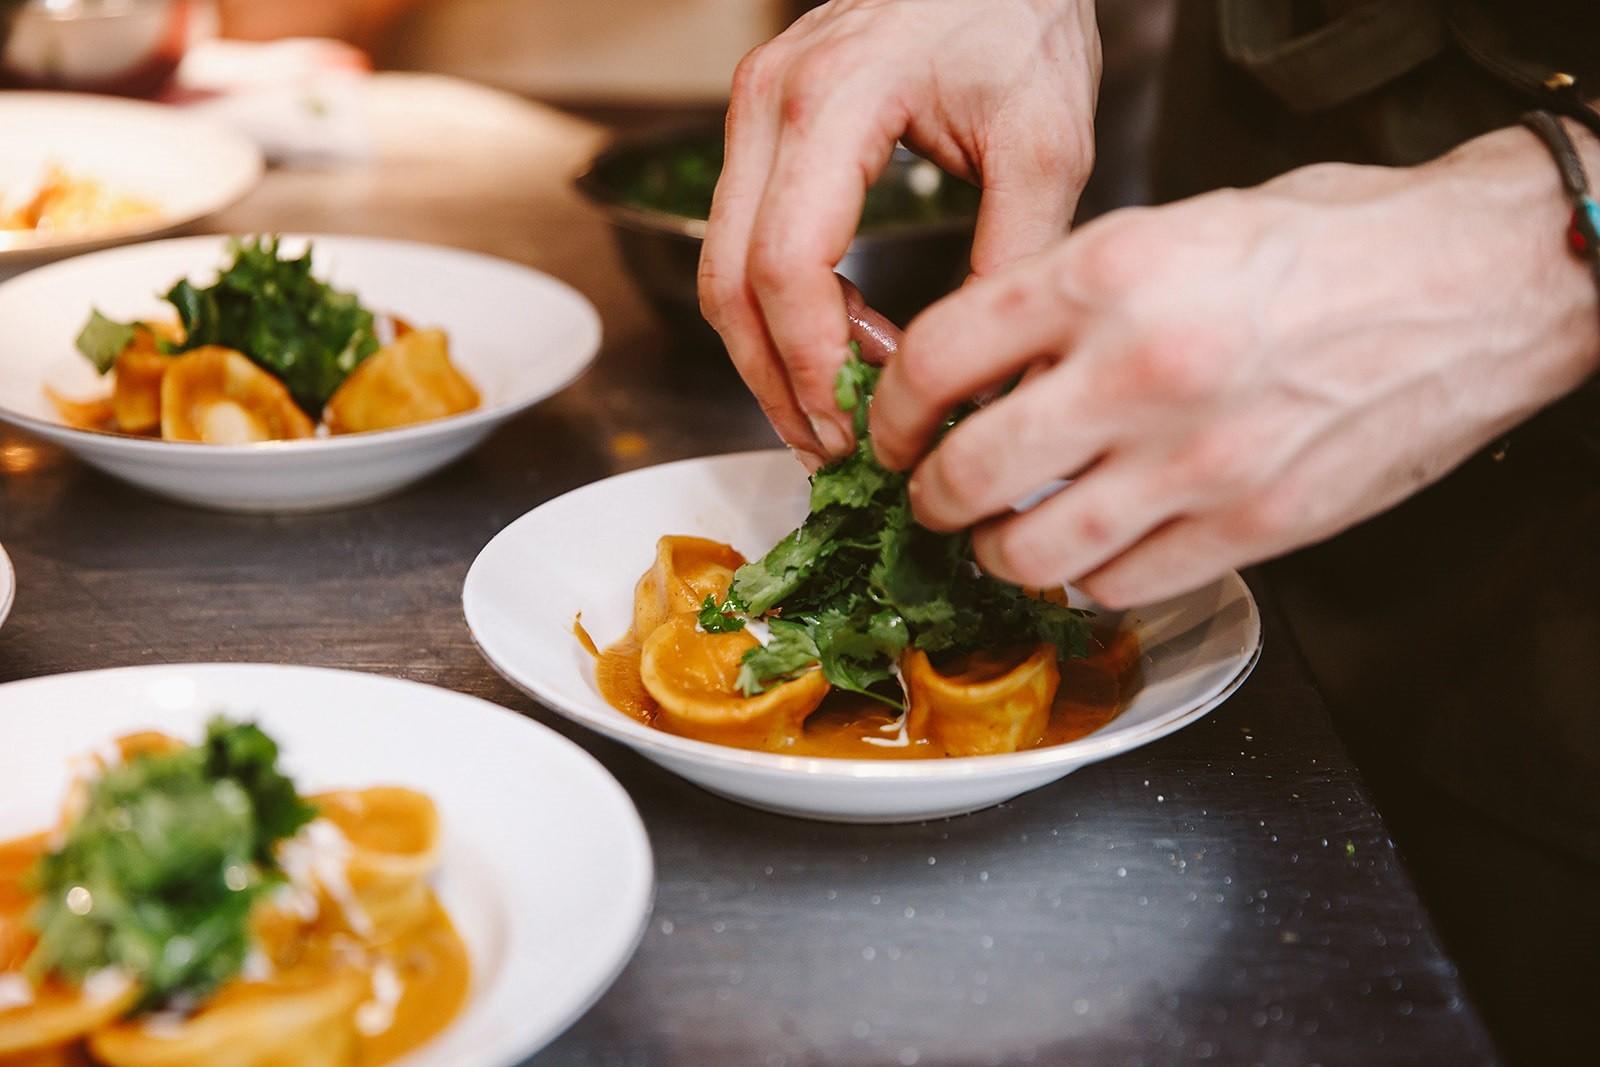 לשכת התיירות של איטליה בישראל מציגה את שבוע האוכל האיטלקי 2020